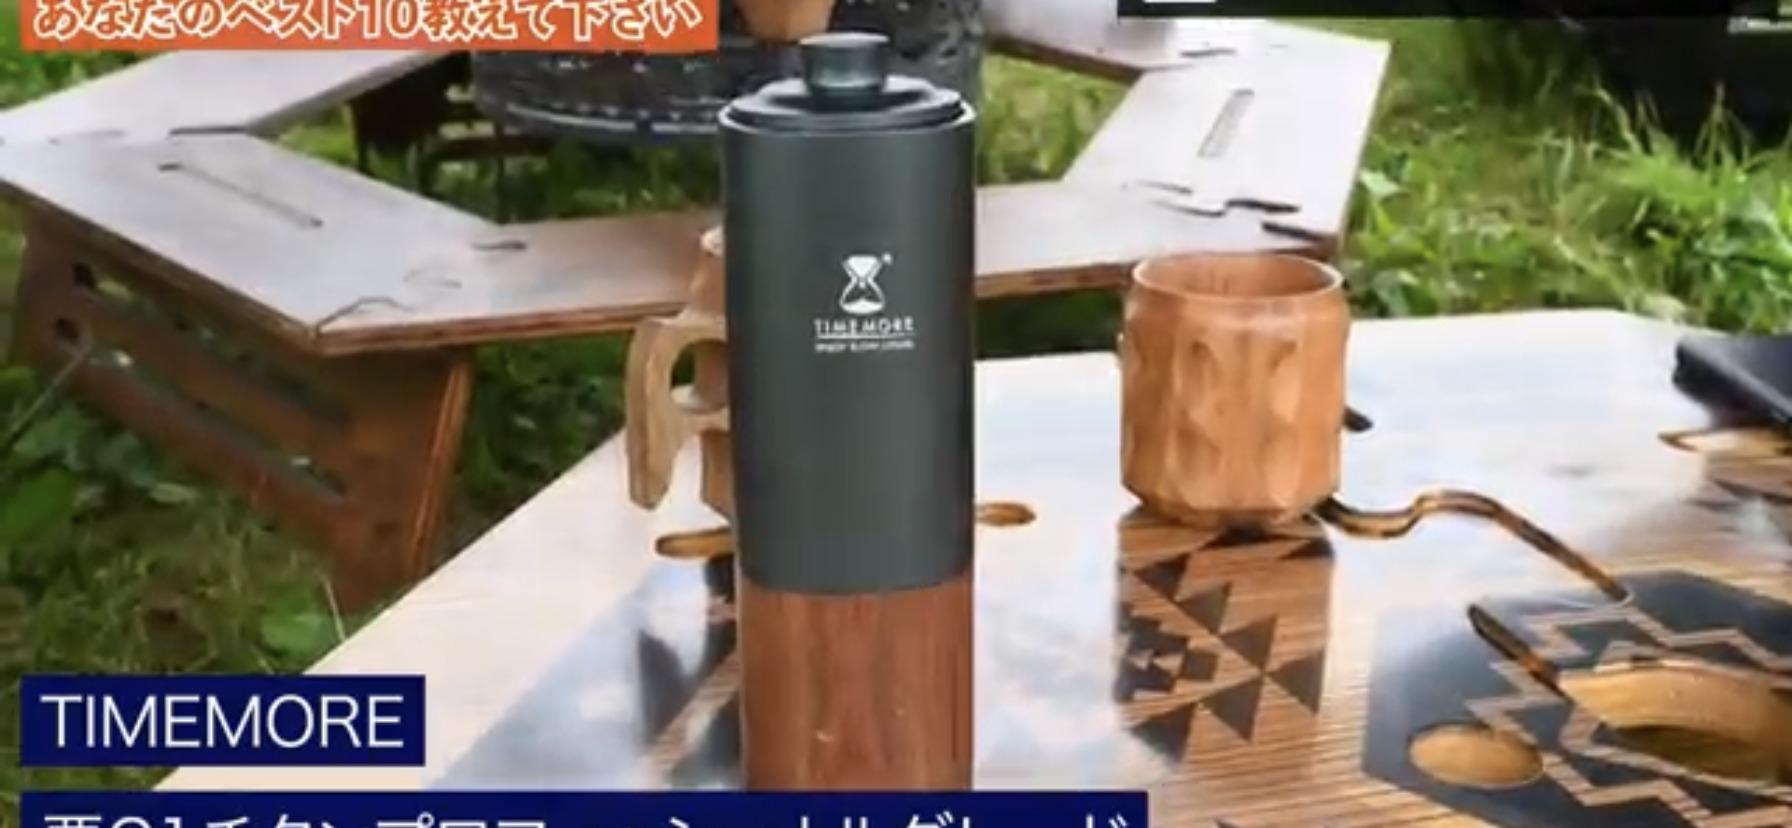 コーヒーセット【アキヒロウッドワークス】ジンカップ、【TIMEMORE】栗G1チタンプロフェッショナルグレード